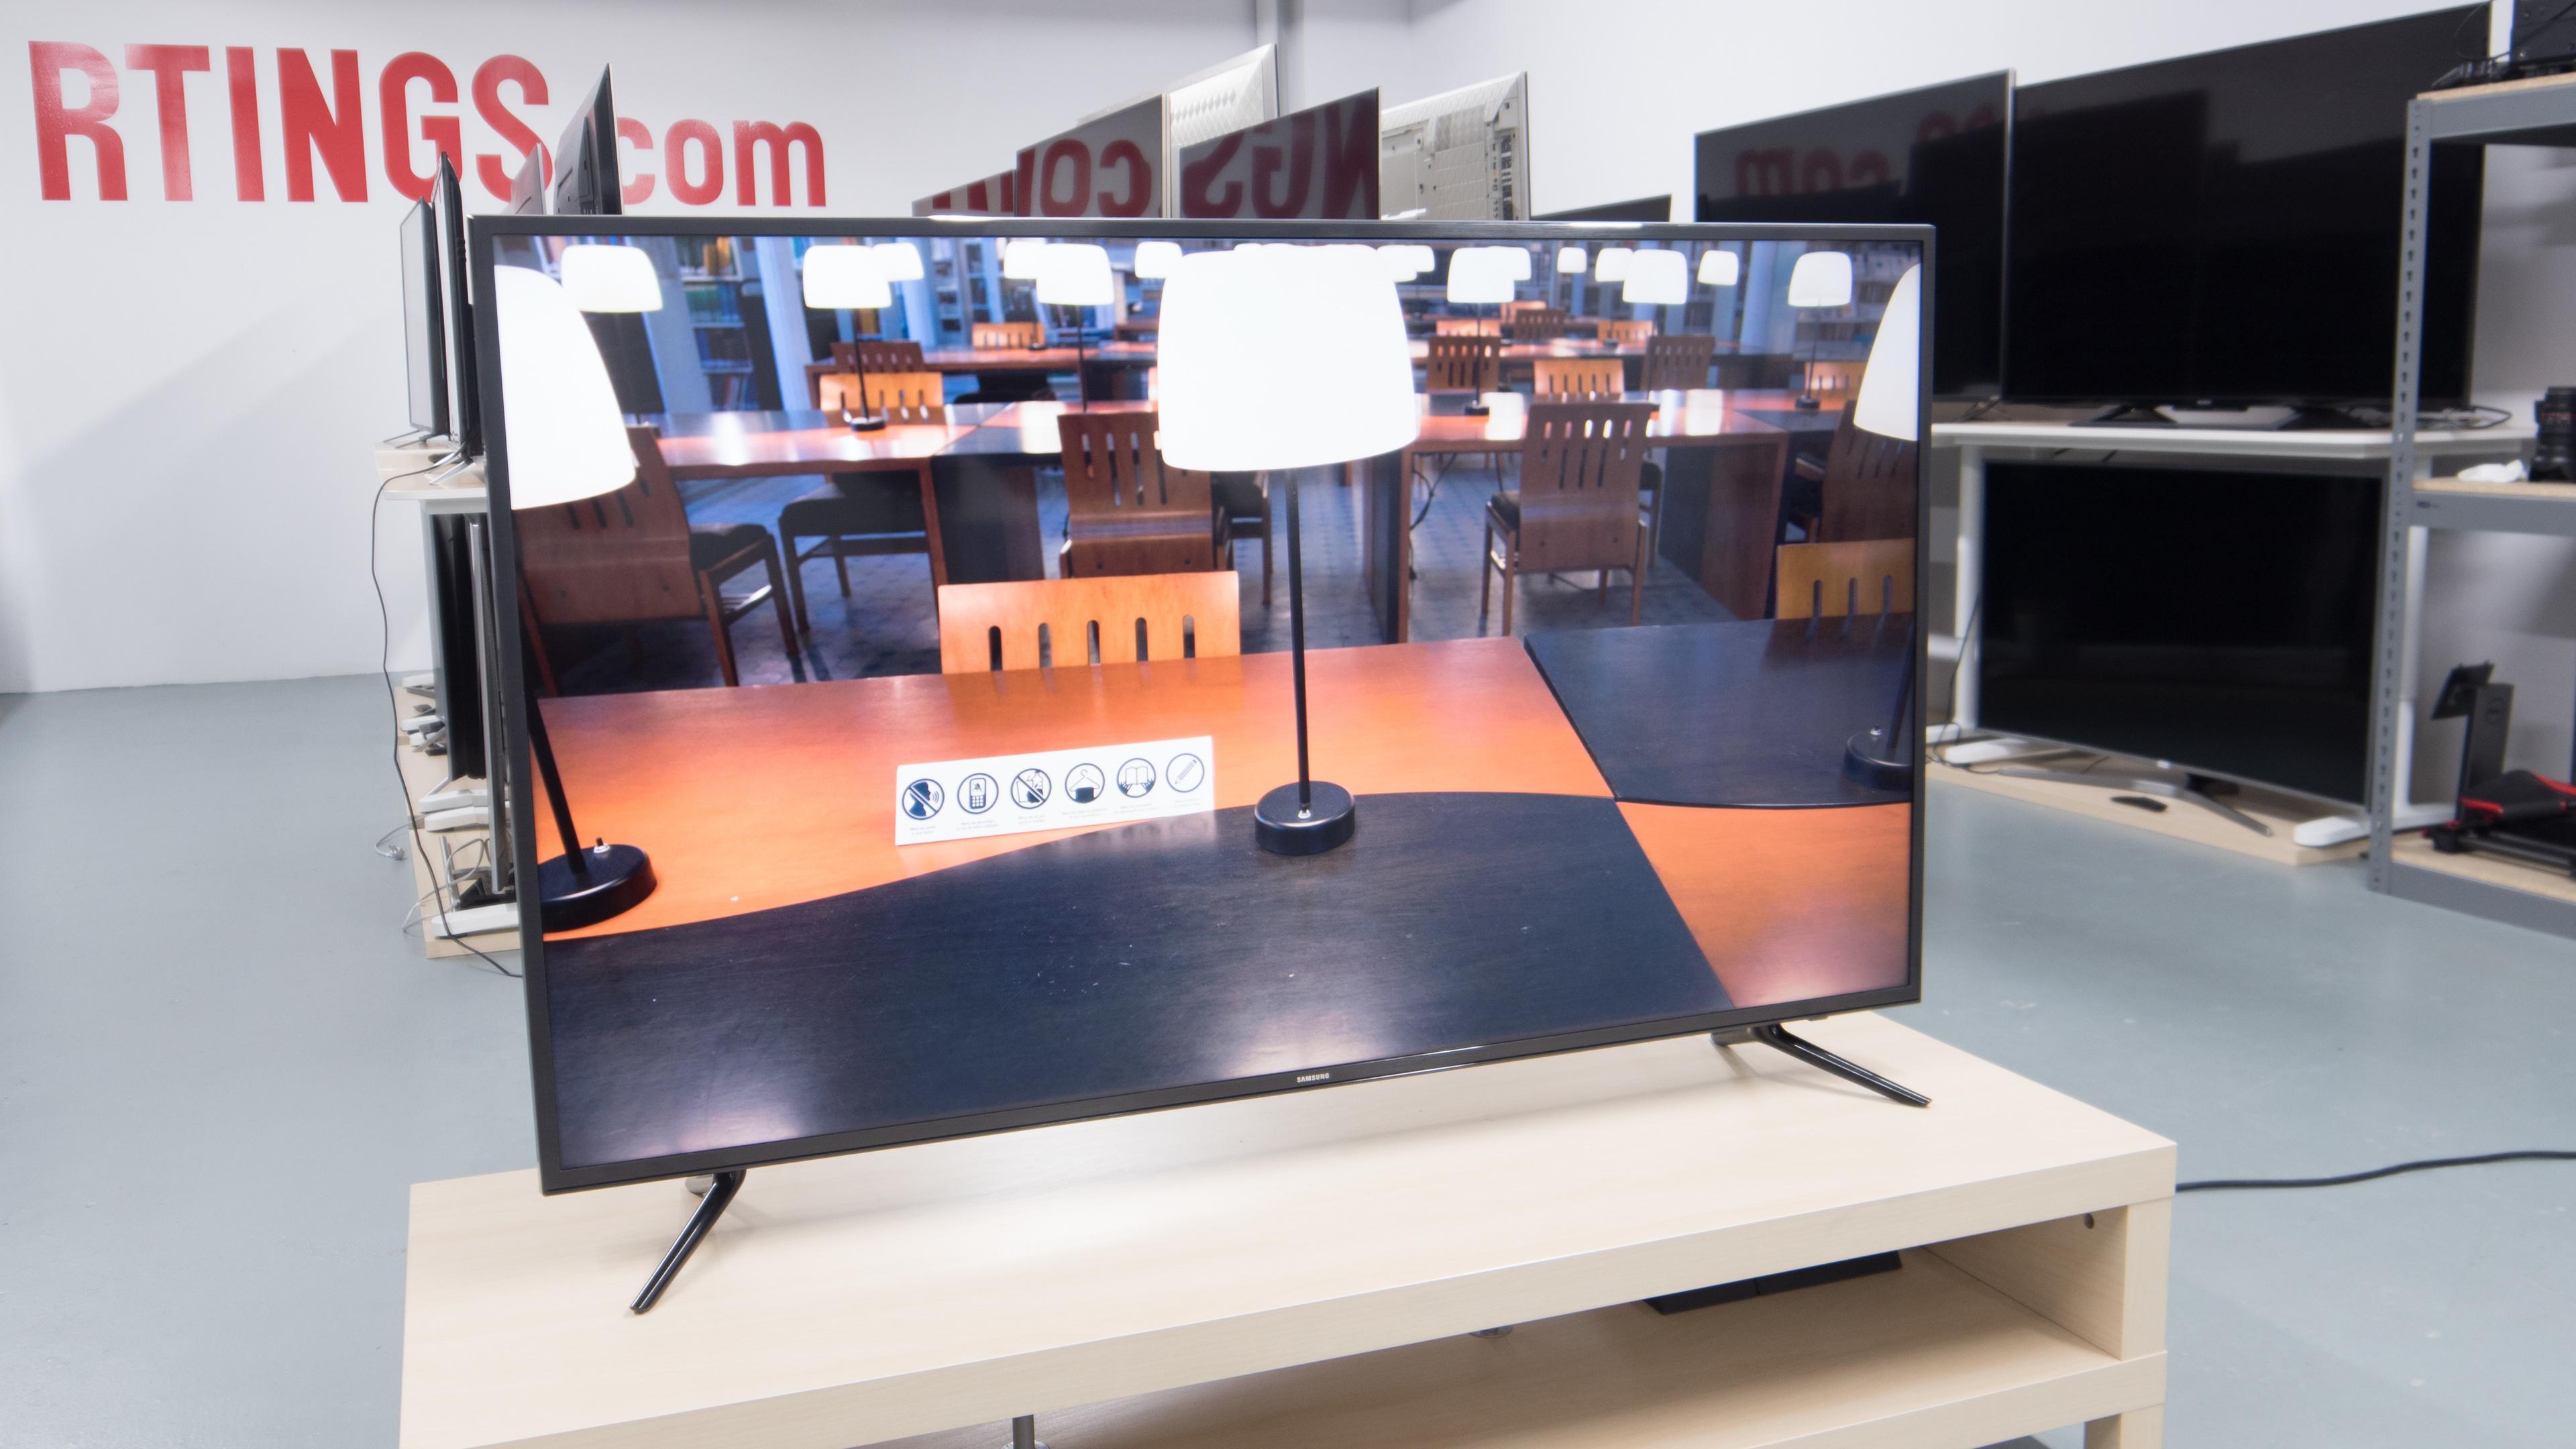 Samsung Mu6100 Review Un58mu6100 Led Tv Diagram Movement Color Remote Design